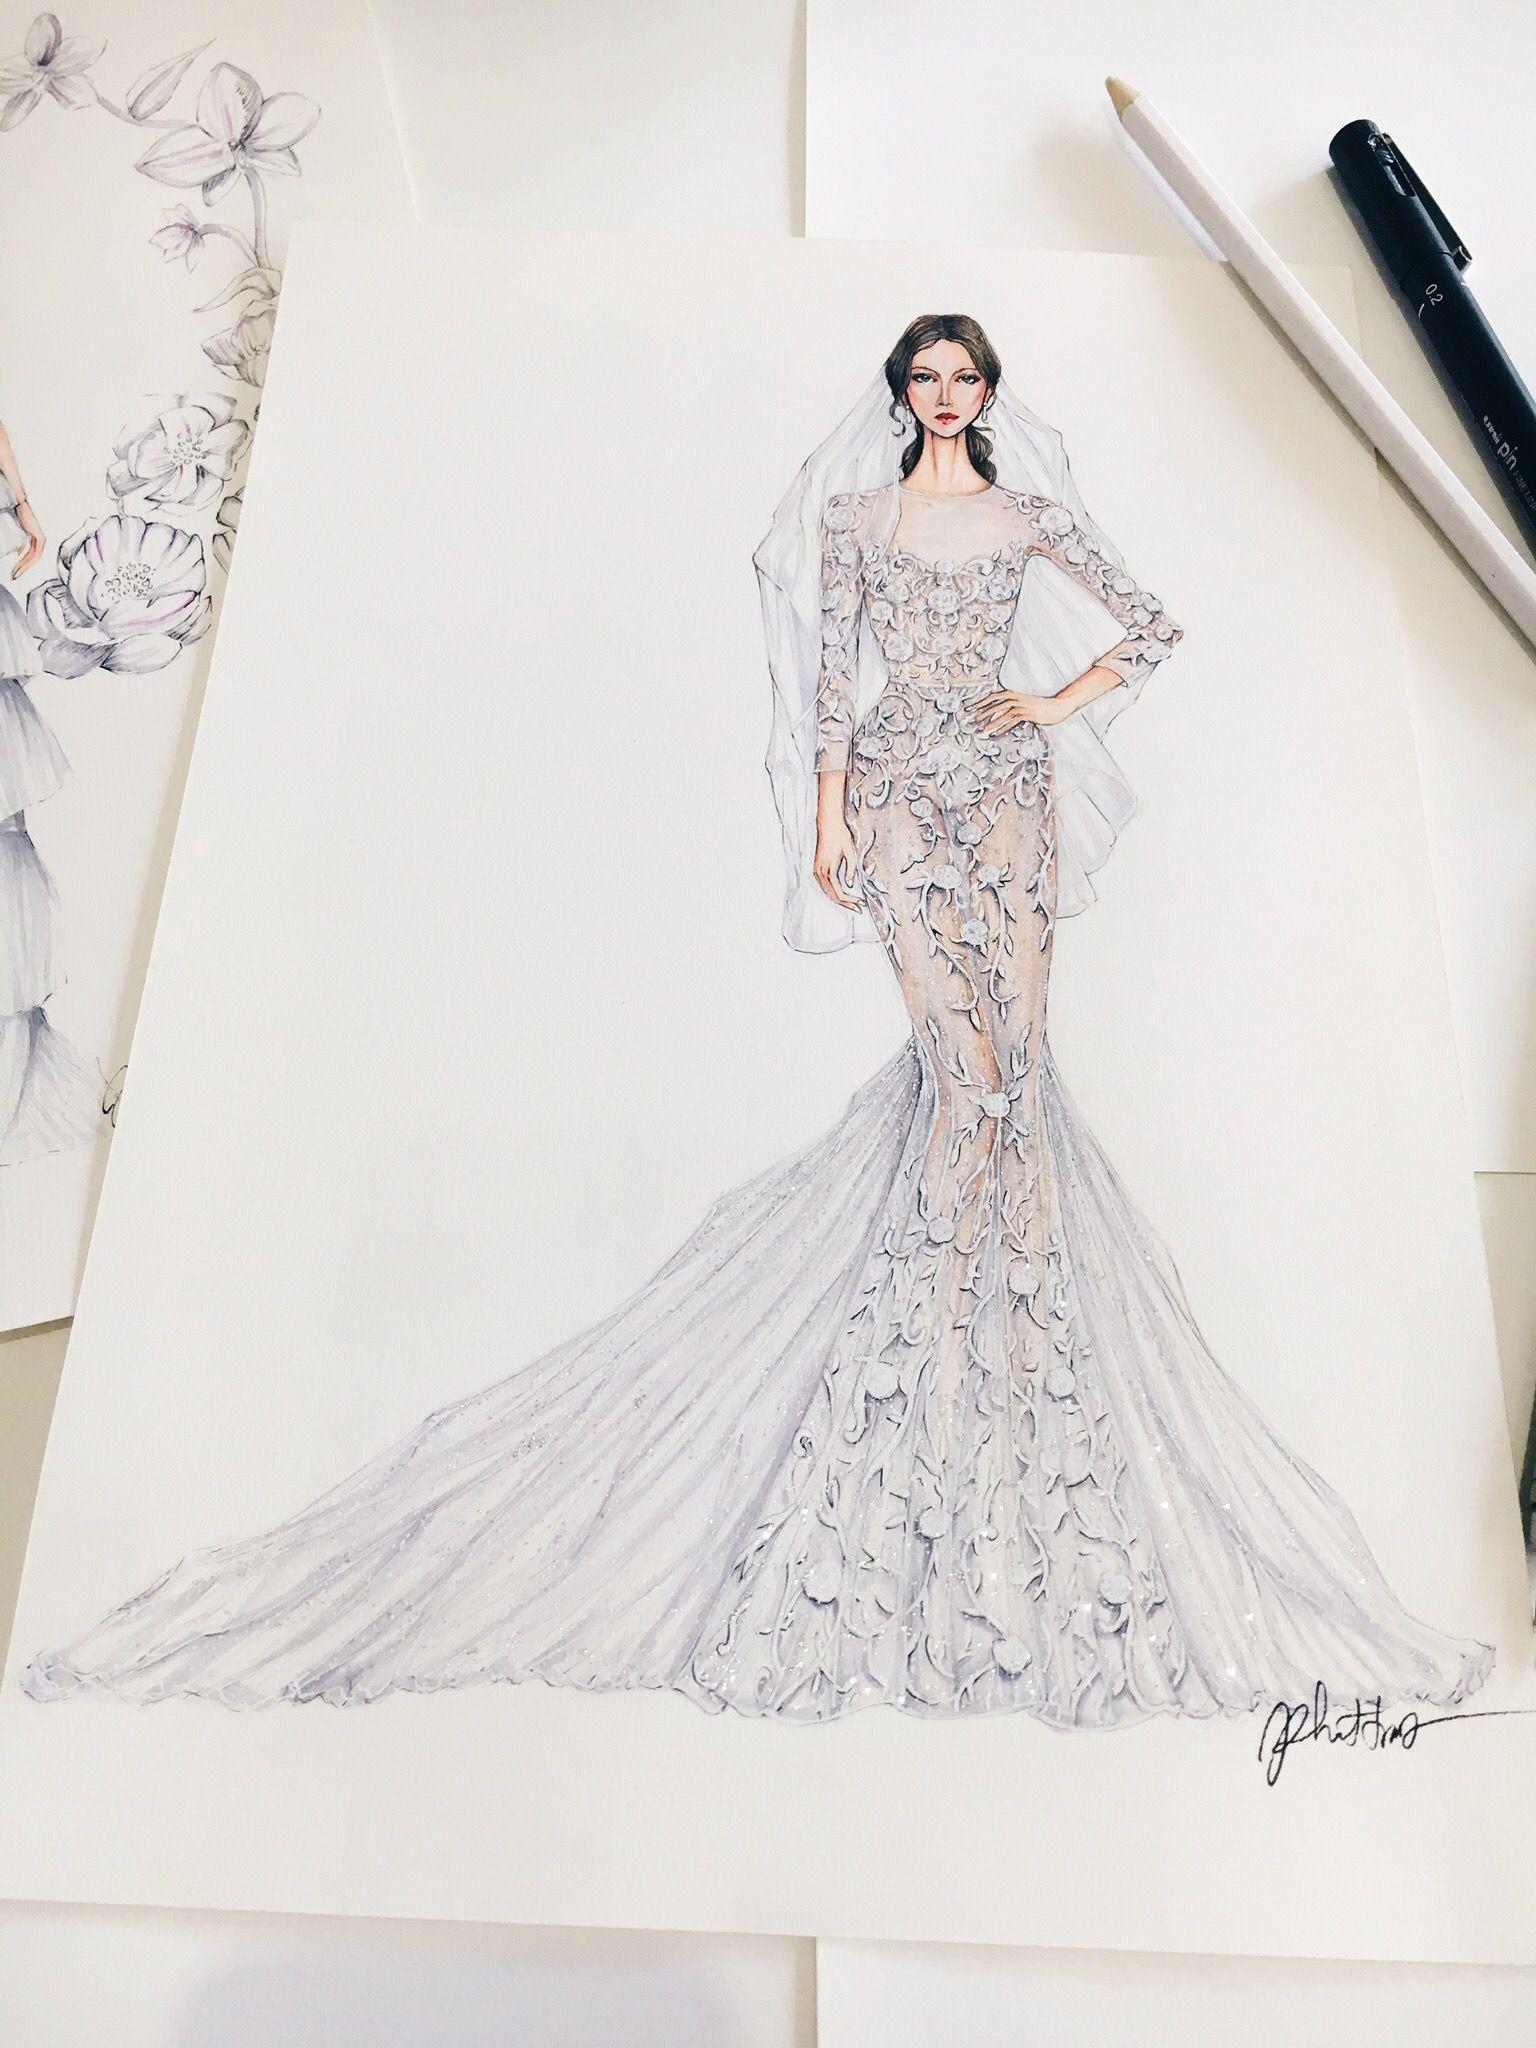 Sketching Draw Dress Drawing Bridal Weddingdress Fashion Fashionsketch